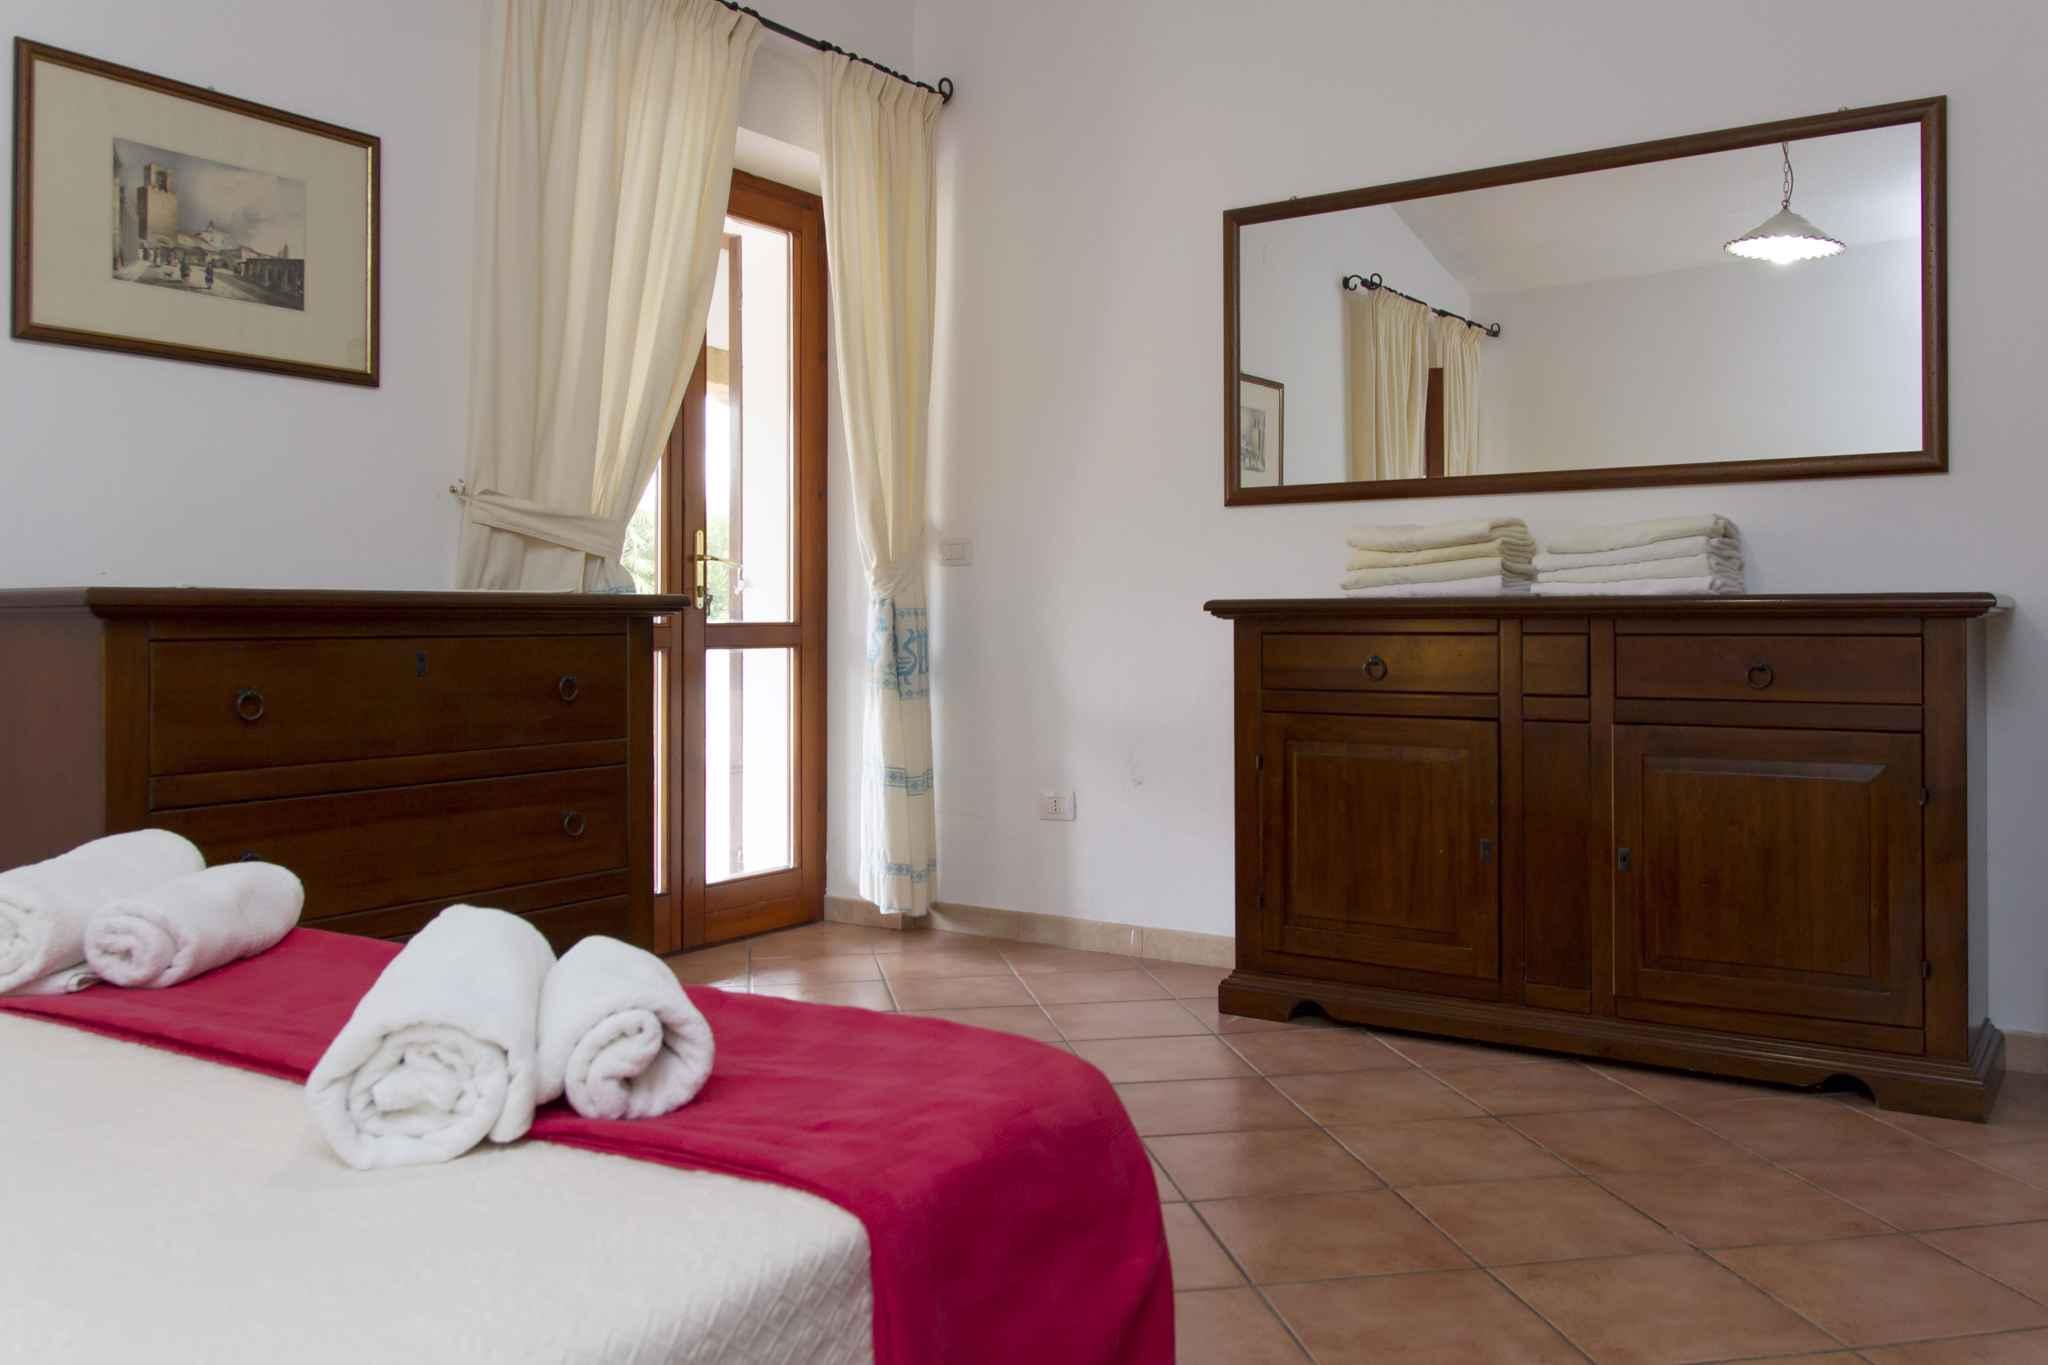 Ferienhaus mit Klimaanlage (2191583), Alghero, Sassari, Sardinien, Italien, Bild 7